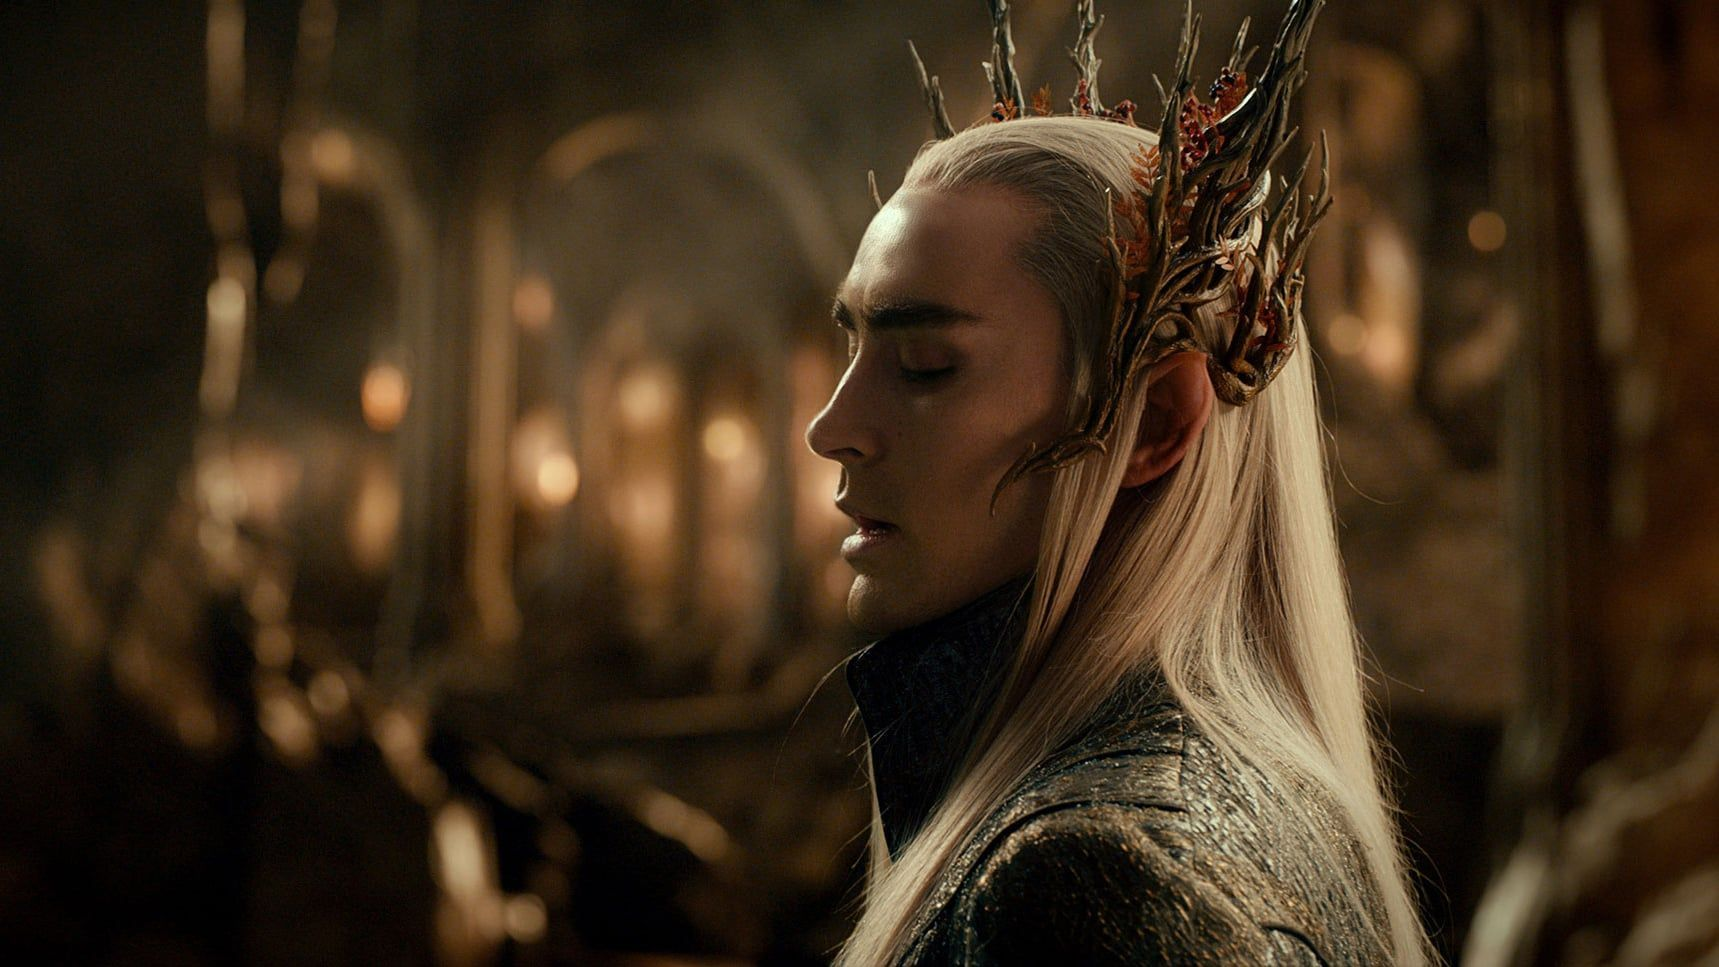 Der Hobbit Smaugs Einode 2013 Ganzer Film Deutsch Komplett Kino Der Hobb Deutsch Einode Ganzer Hobbit Komplett Sma In 2020 The Hobbit Thranduil Smaug